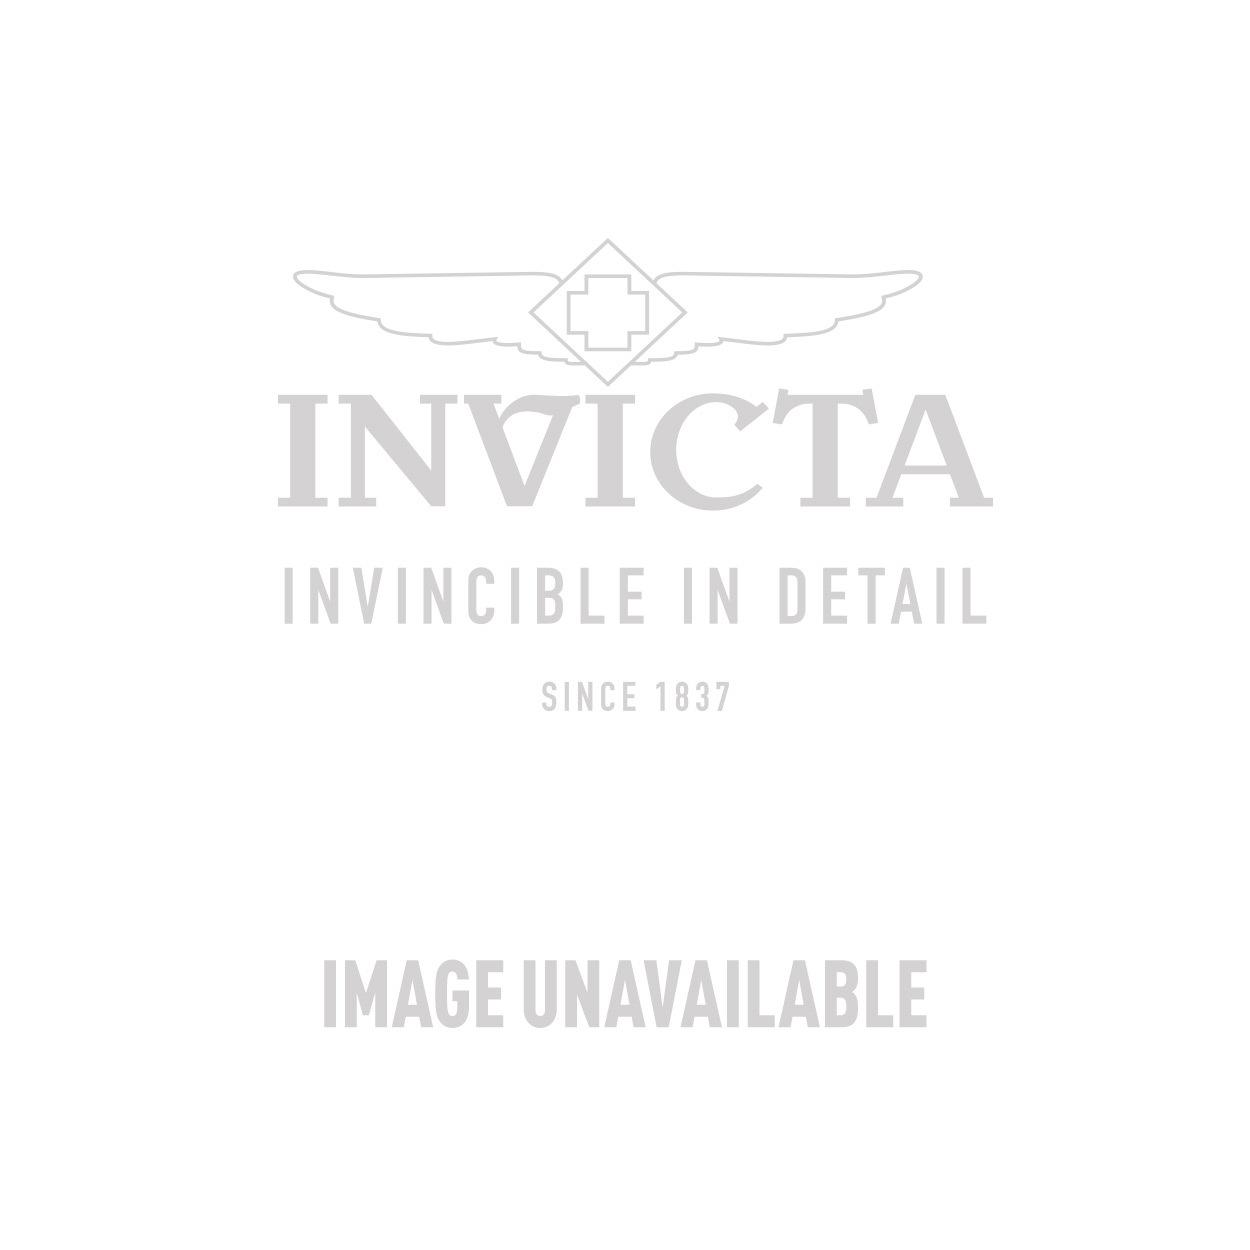 Invicta Model 25123